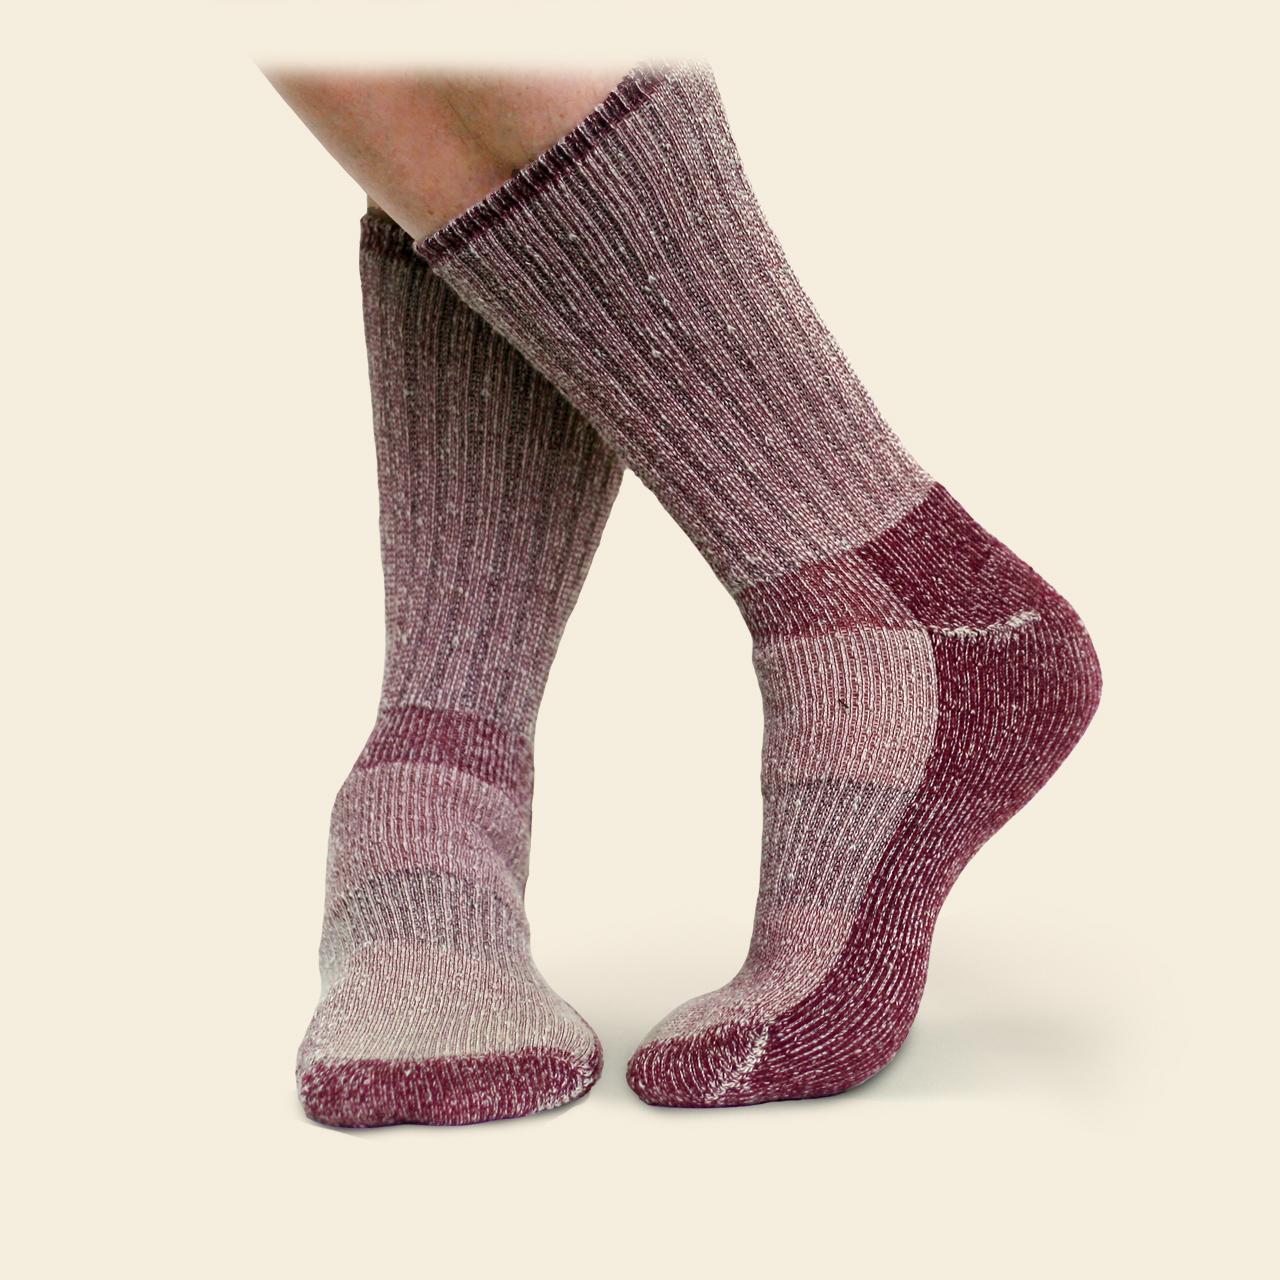 Wool Hiking Sock